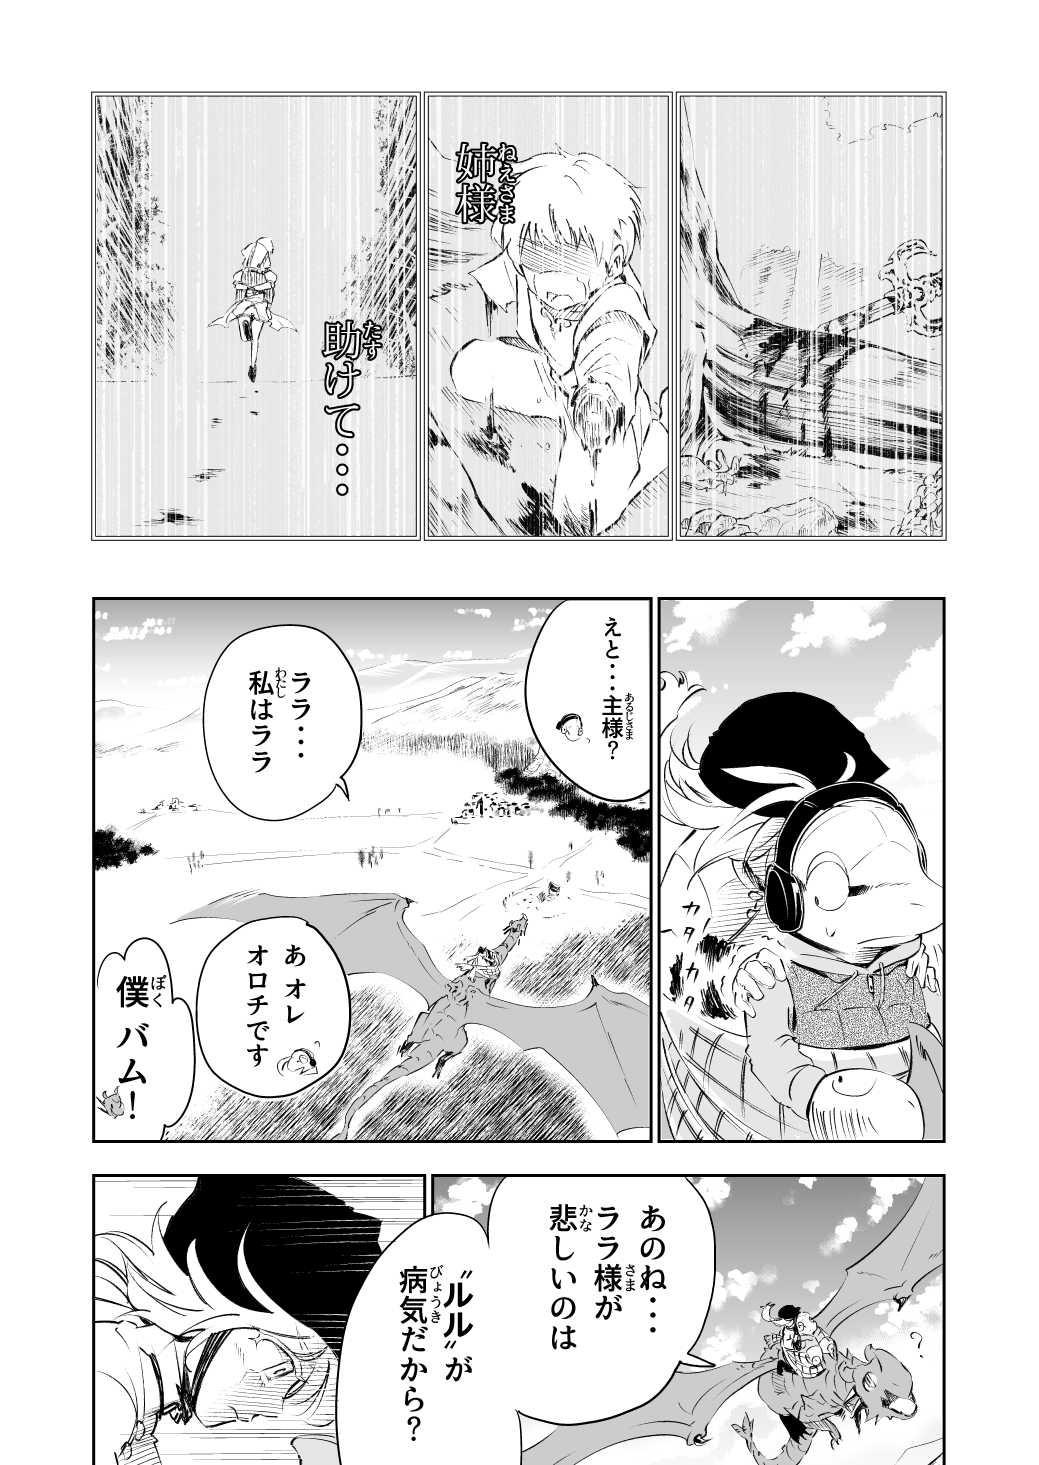 インターン召喚獣_017.jpg